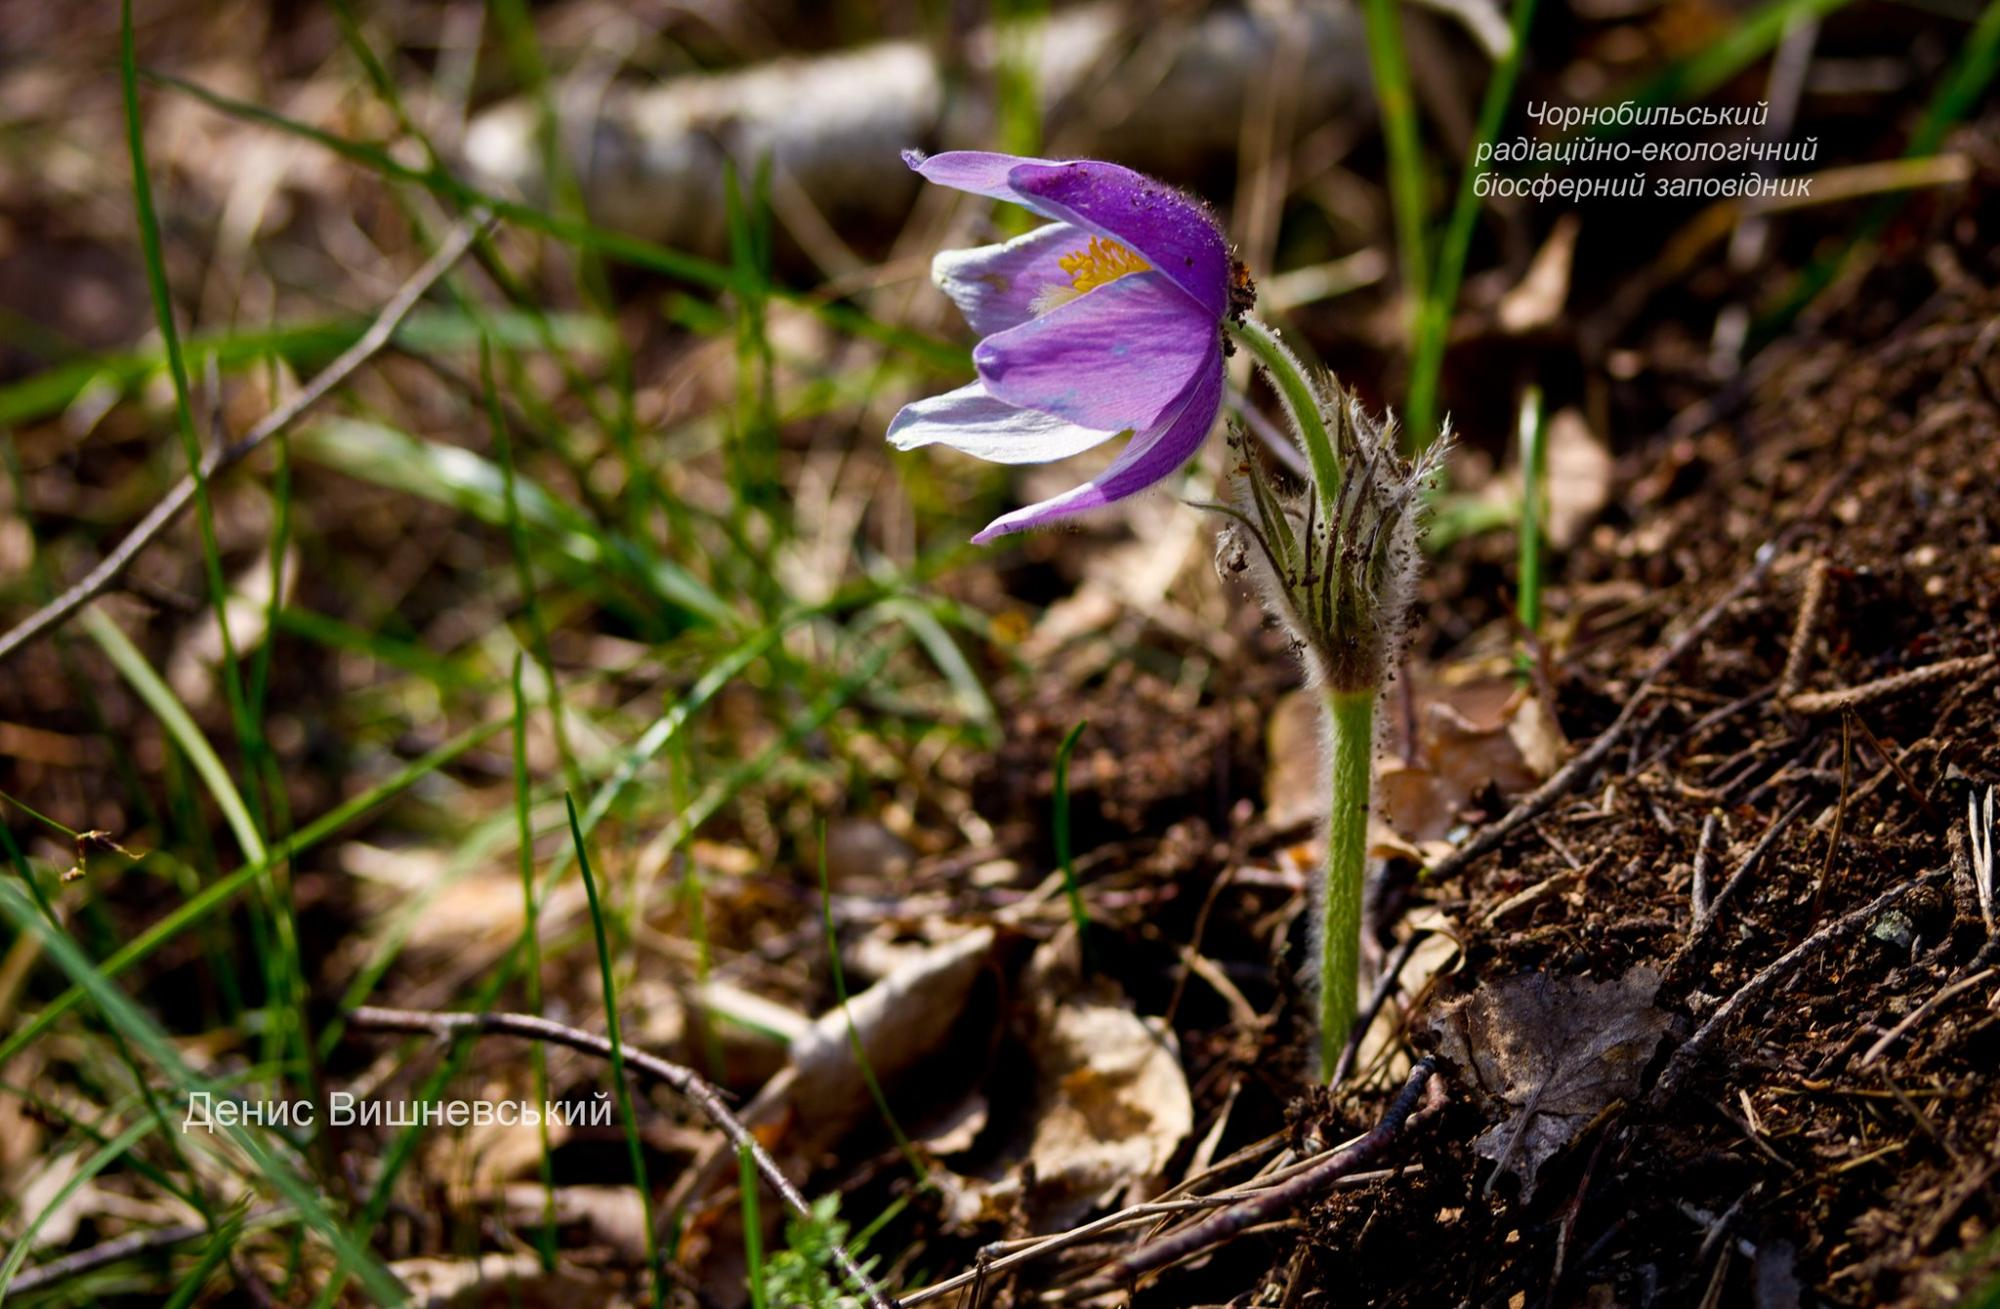 У Чорнобильській зоні знайдені рідкісні квіти: їх краса заворожує